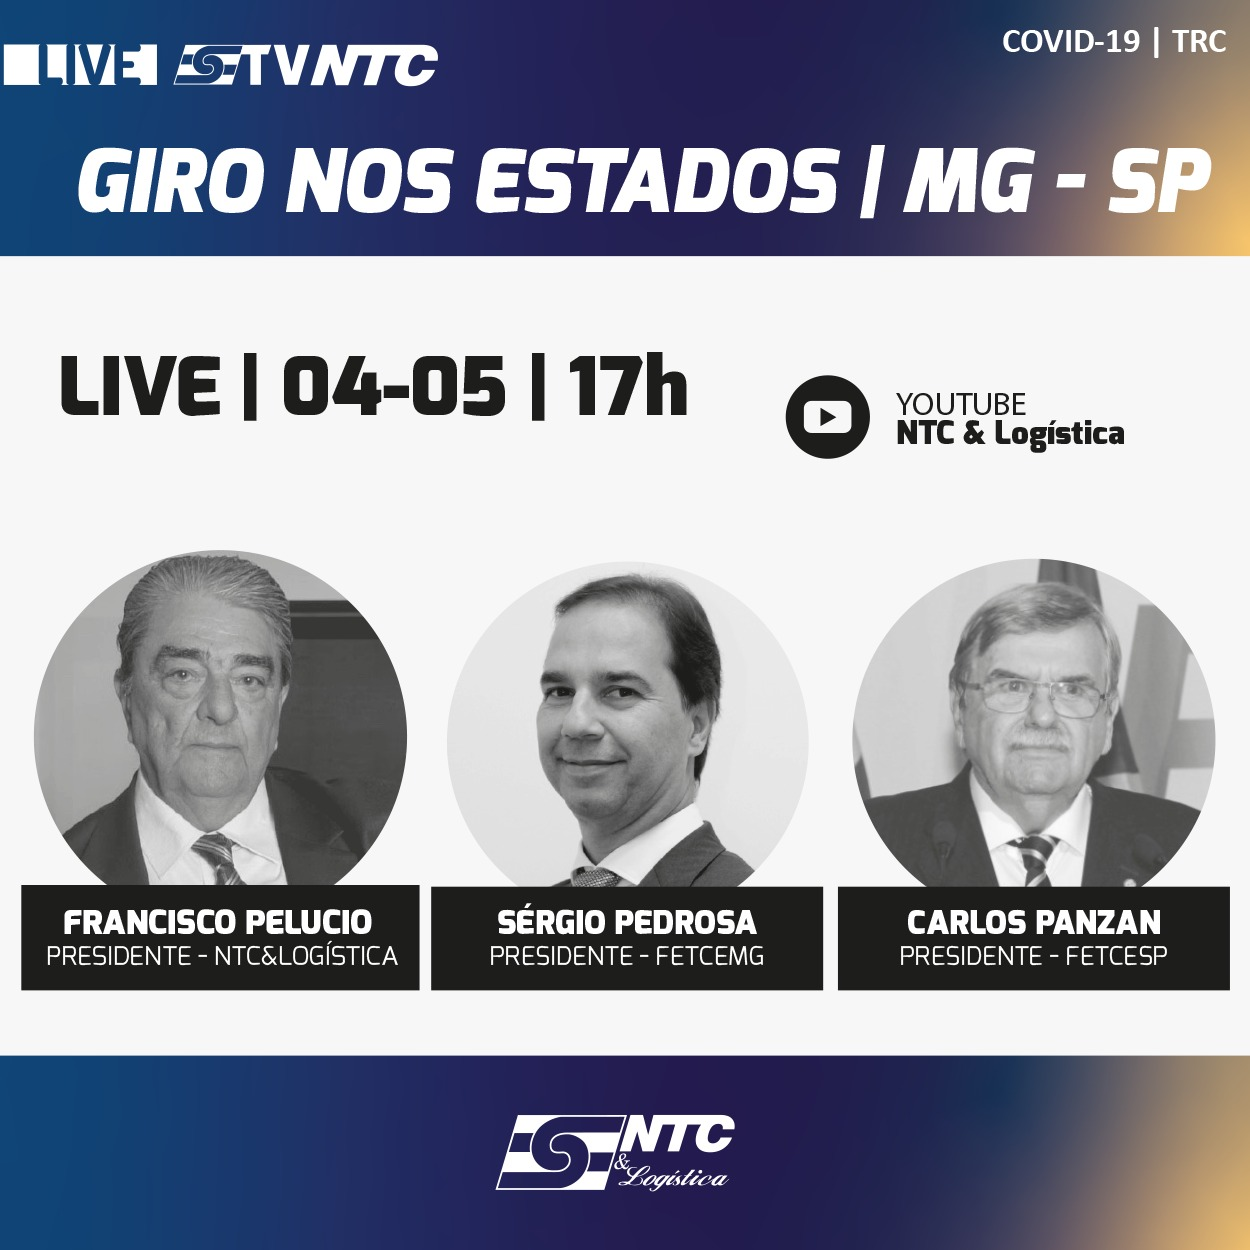 Presidentes da FETCESP e FETCEMG participam hoje do 'Giro nos estados'